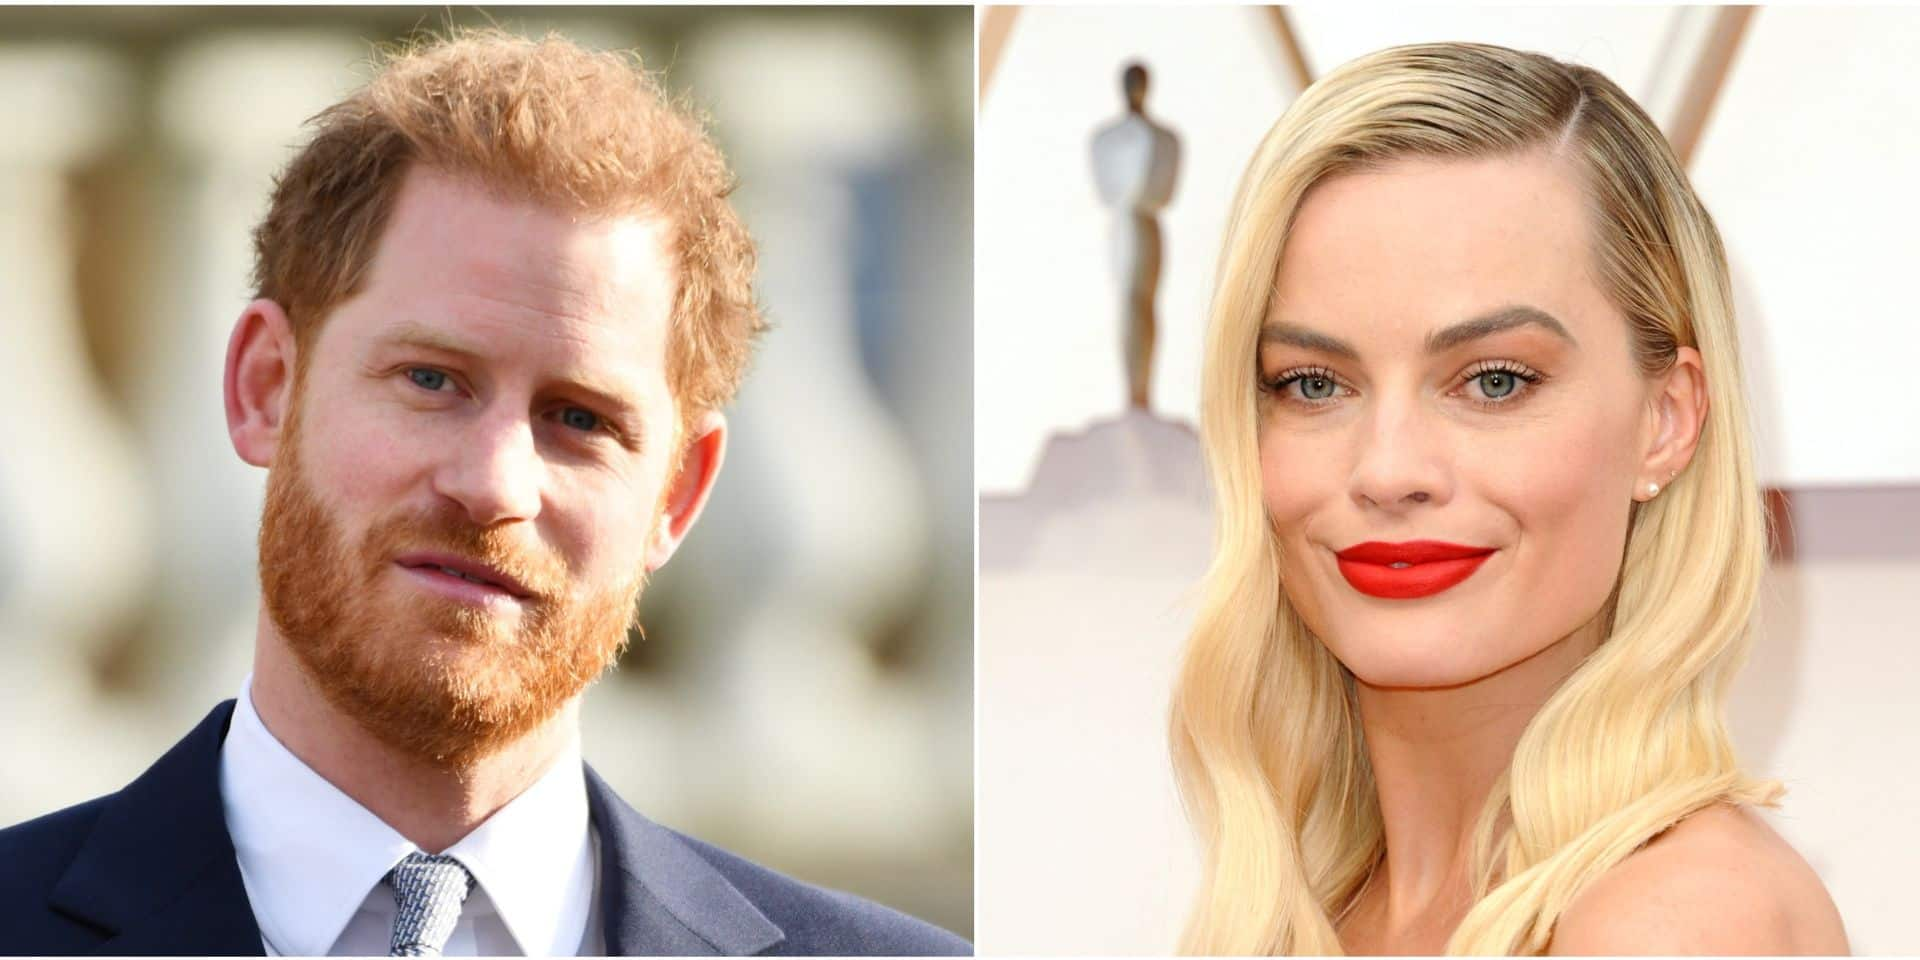 Le prince Harry et Margot Robbie : une amitié inattendue dévoilée au grand jour